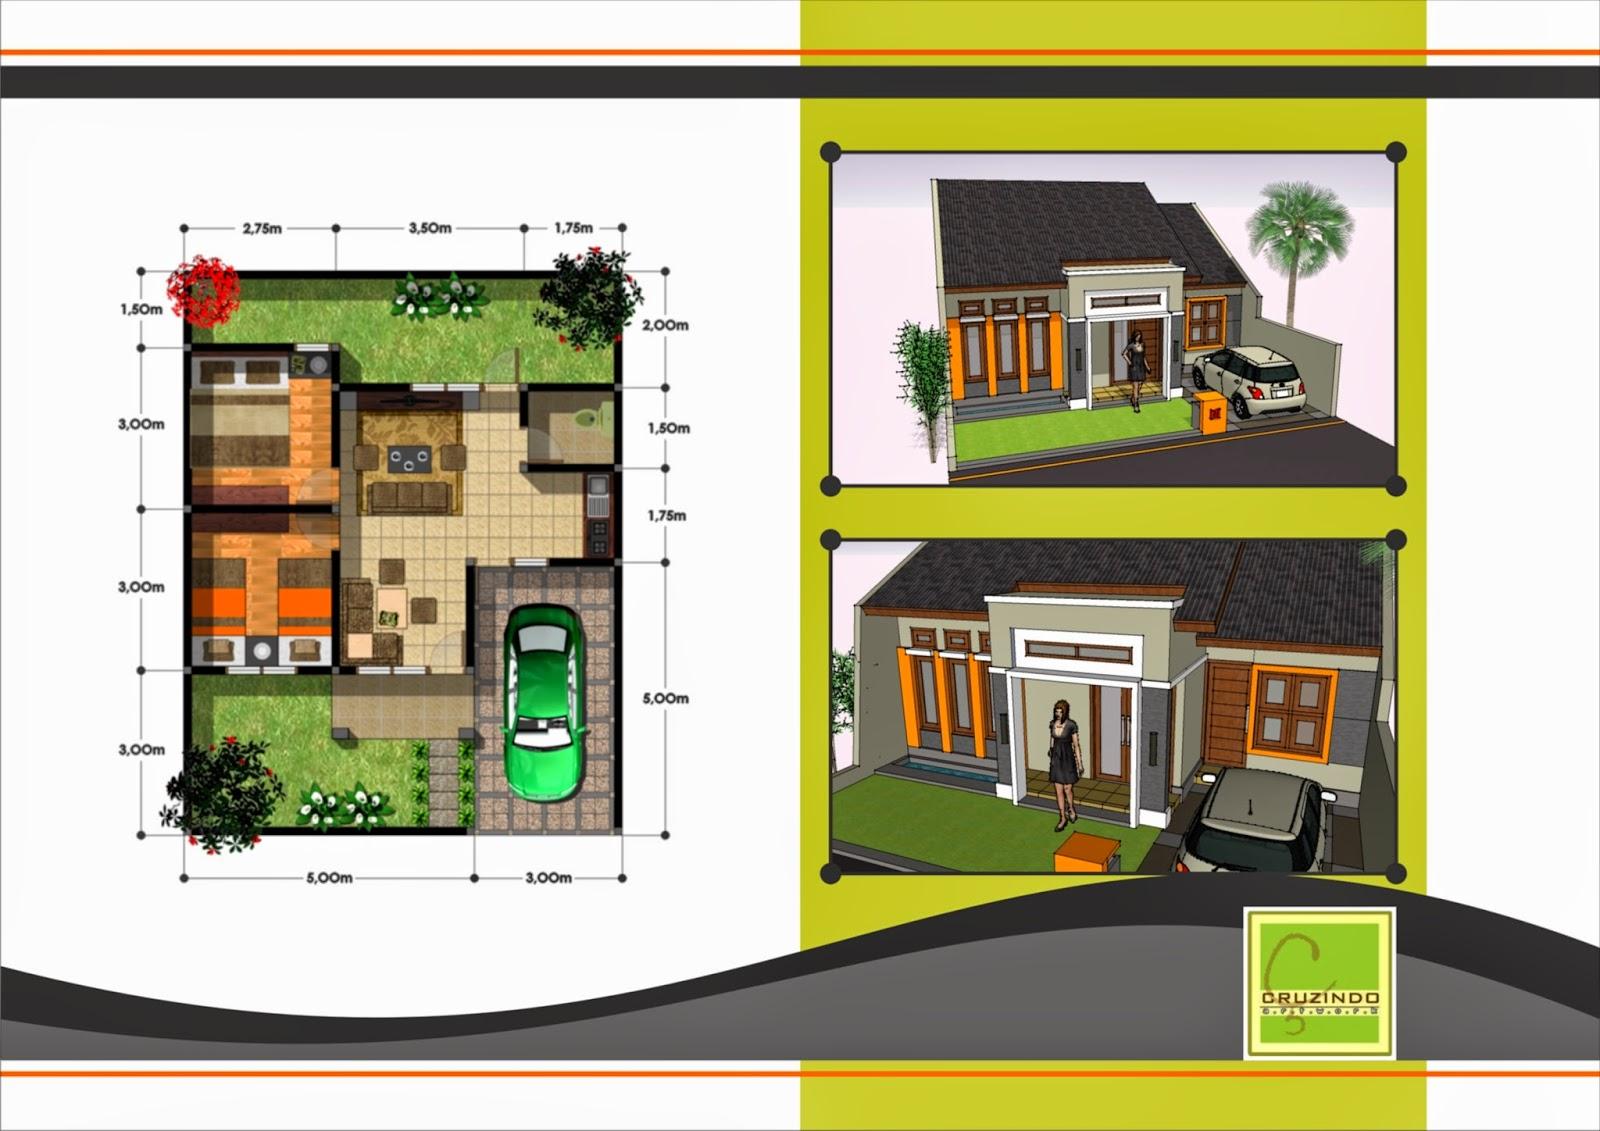 Desain Rumah Minimalis 1 Lantai Dan Denah - Gambar Foto ...